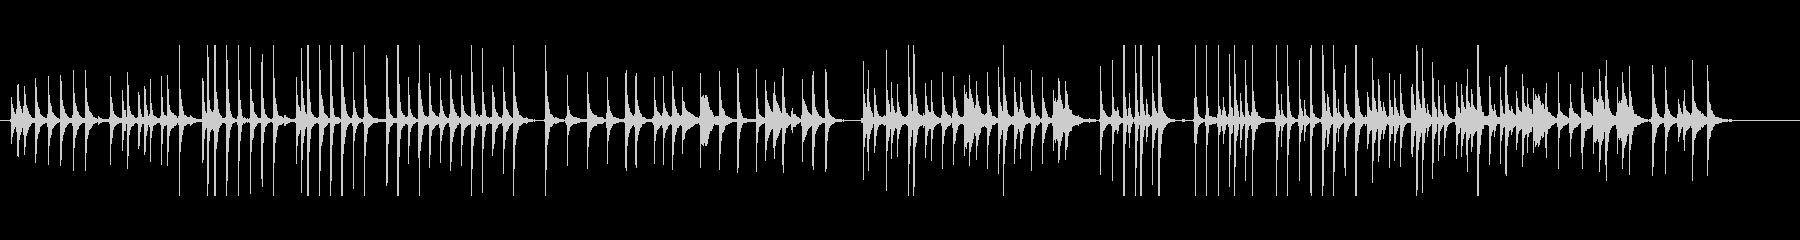 三味線232外記猿6小猿おさるさんサル投の未再生の波形